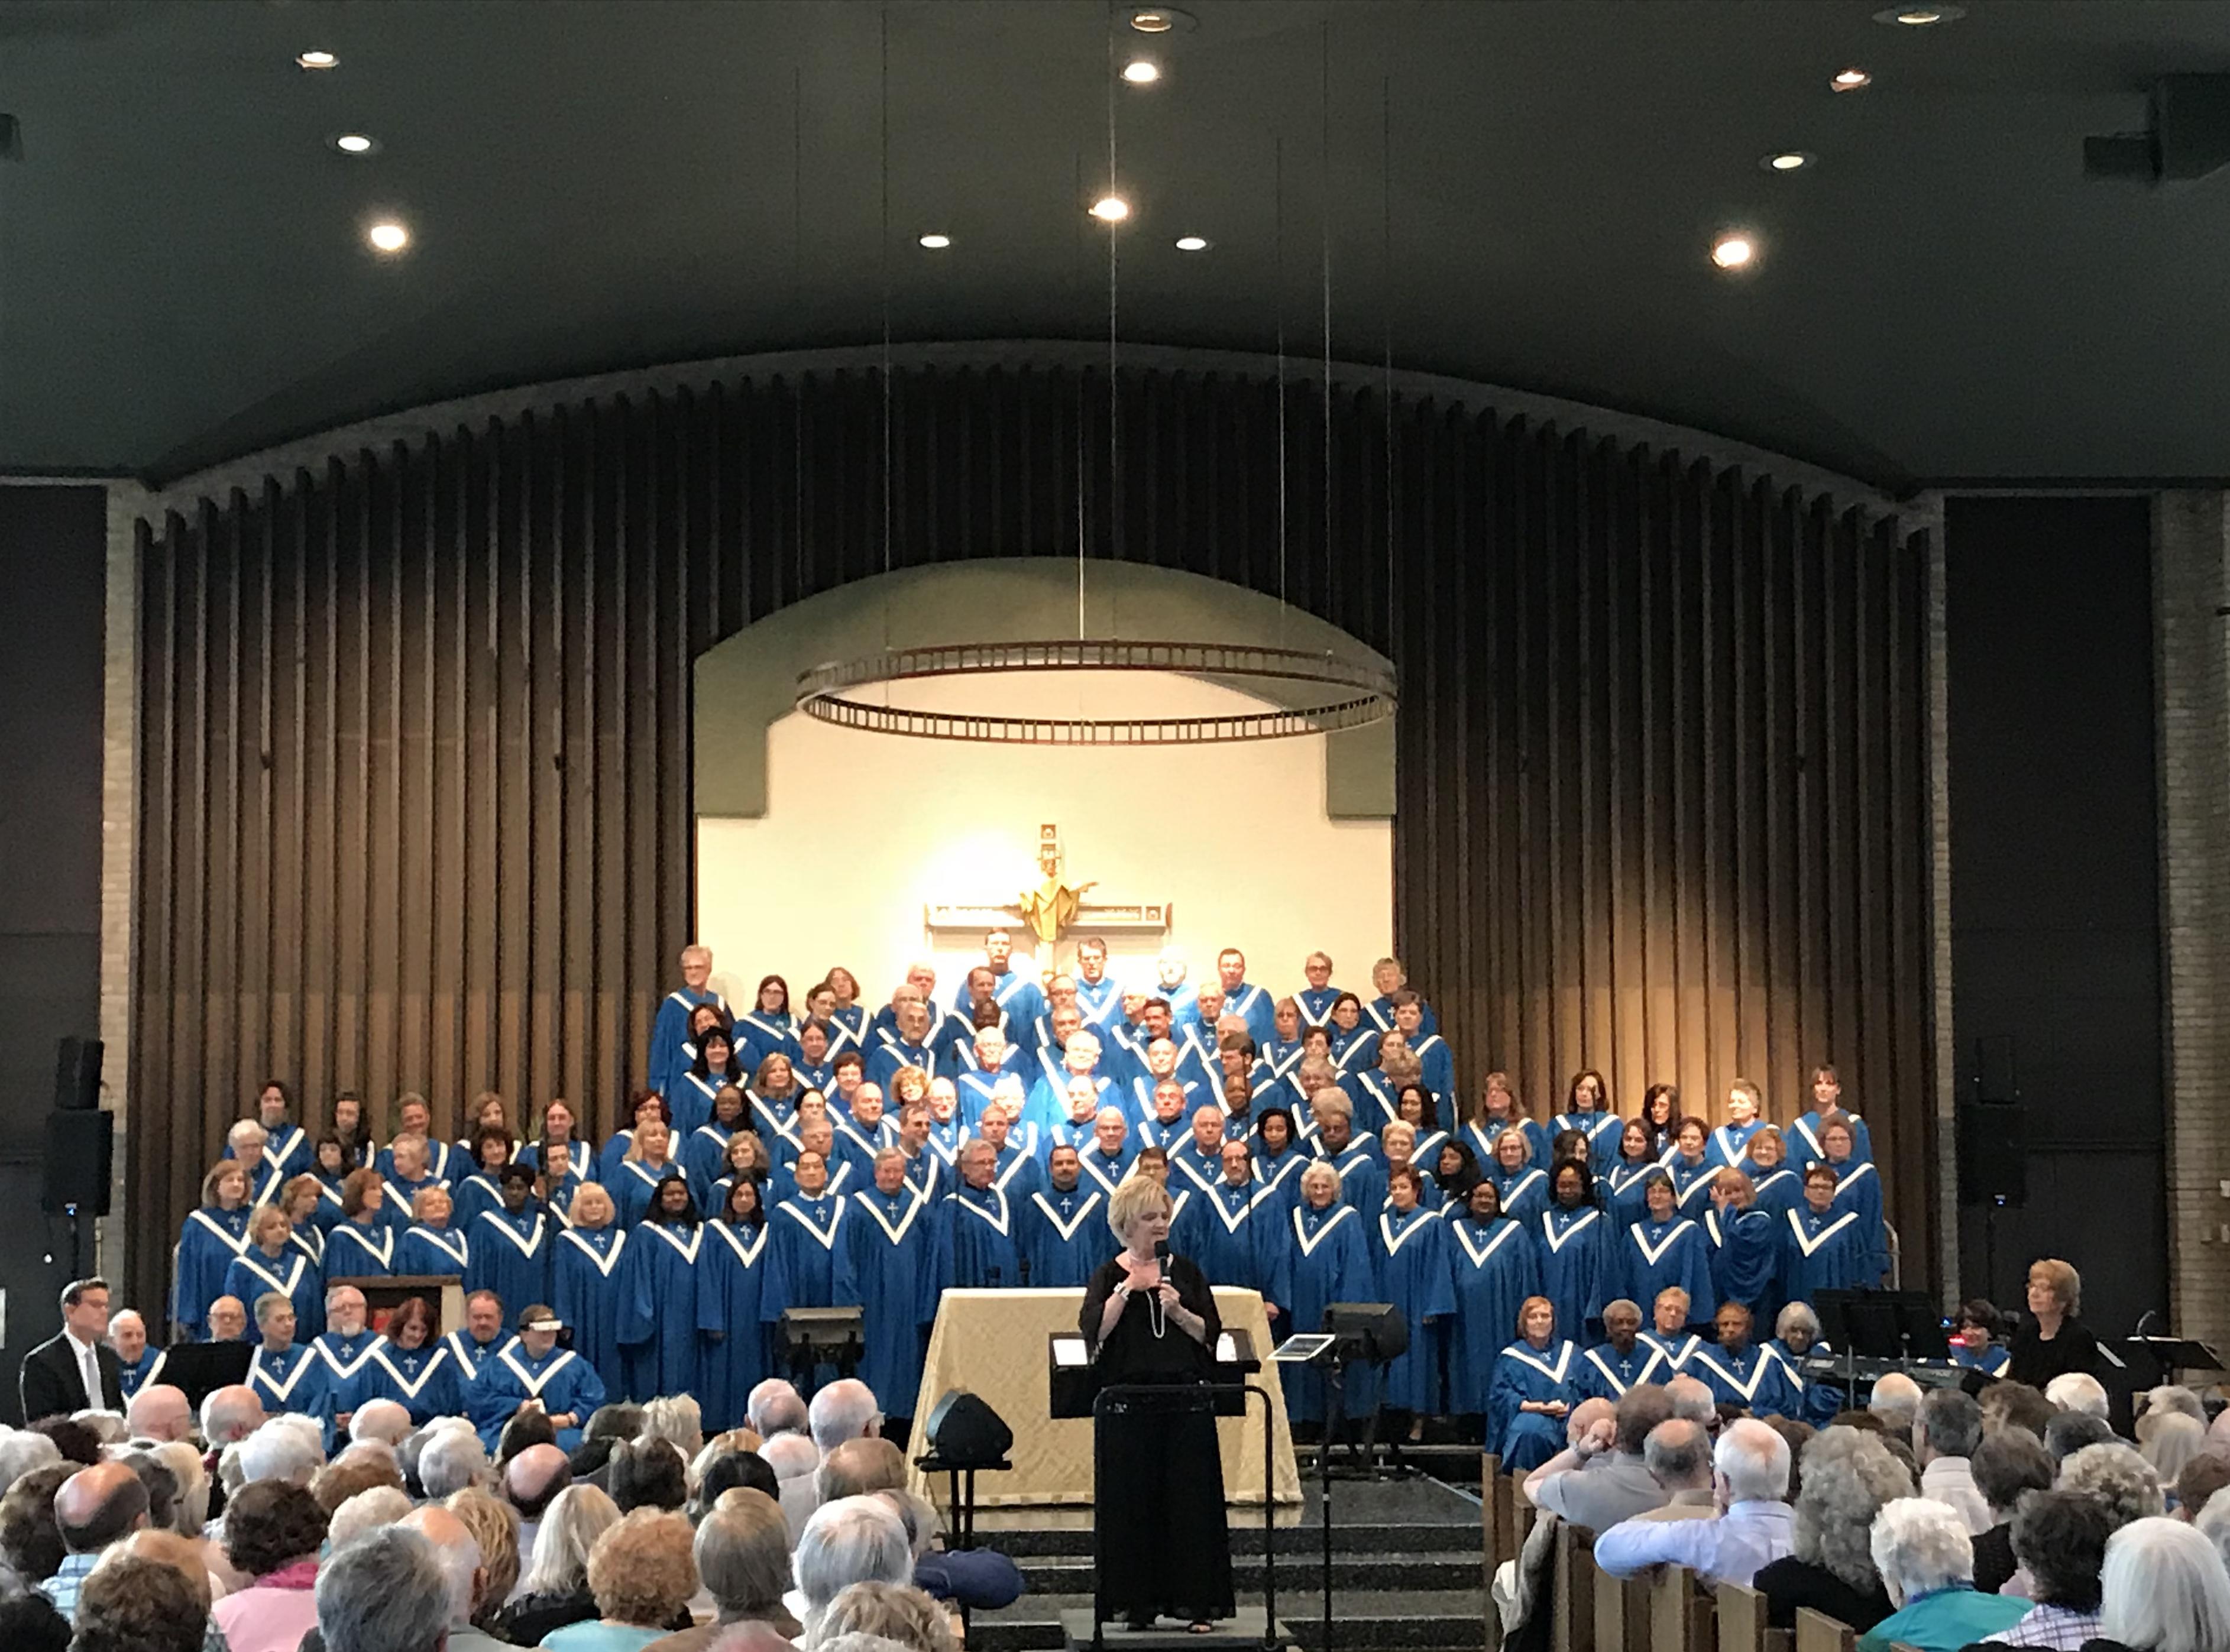 National Christian Choir at St Ann Church on Sunday, April 22